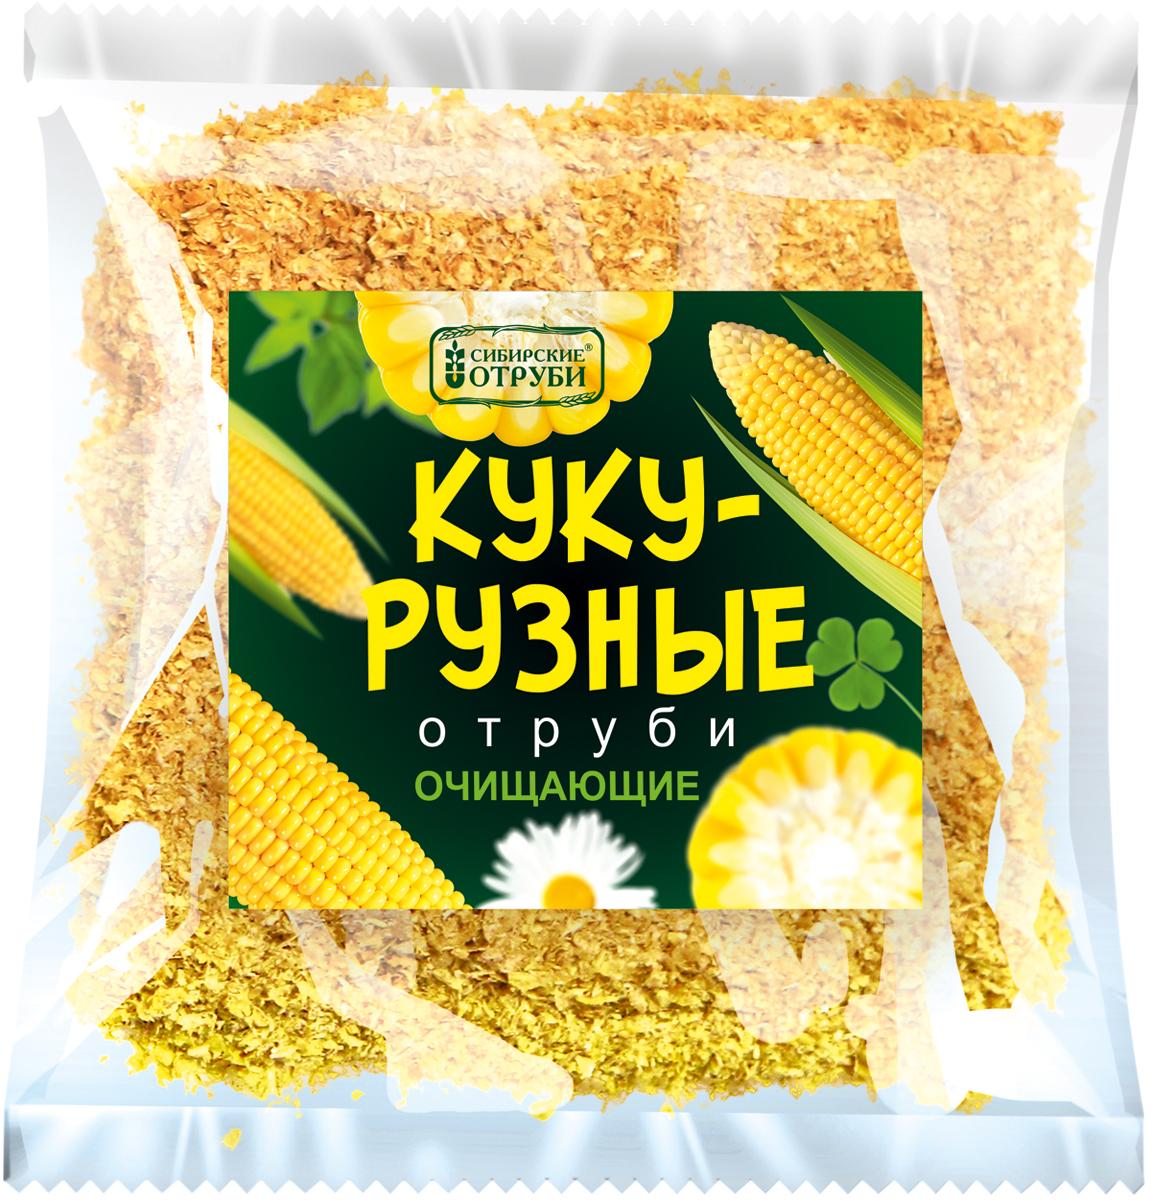 Сибирские отруби Кукурузные очищающие, 180 г сибирские отруби хрустящие сила фруктов 100 г